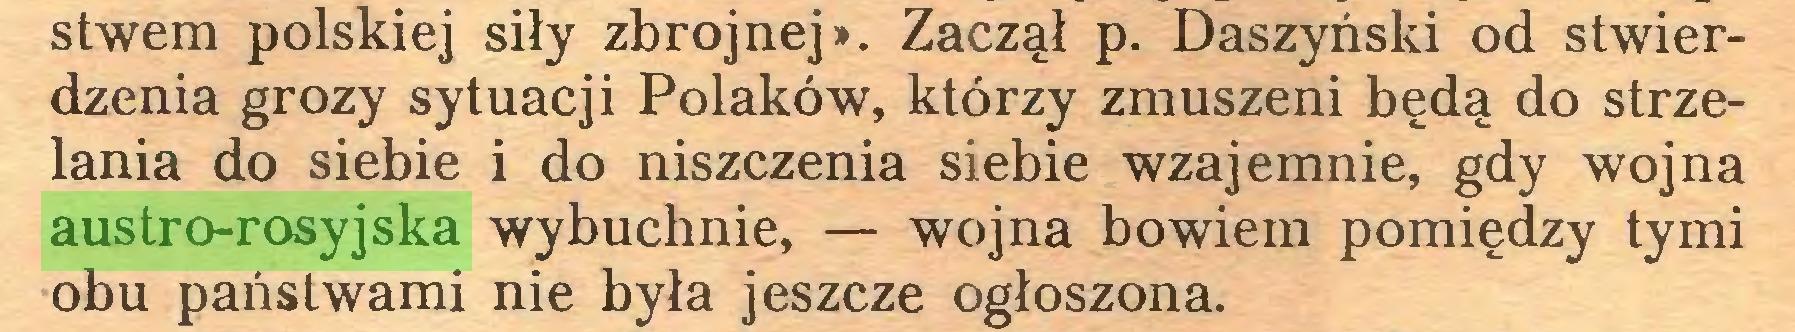 (...) stwem polskiej siły zbrojnej». Zaczął p. Daszyński od stwierdzenia grozy sytuacji Polaków, którzy zmuszeni będą do strzelania do siebie i do niszczenia siebie wzajemnie, gdy wojna austro-rosyjska wybuchnie, — wojna bowiem pomiędzy tymi obu państwami nie była jeszcze ogłoszona...